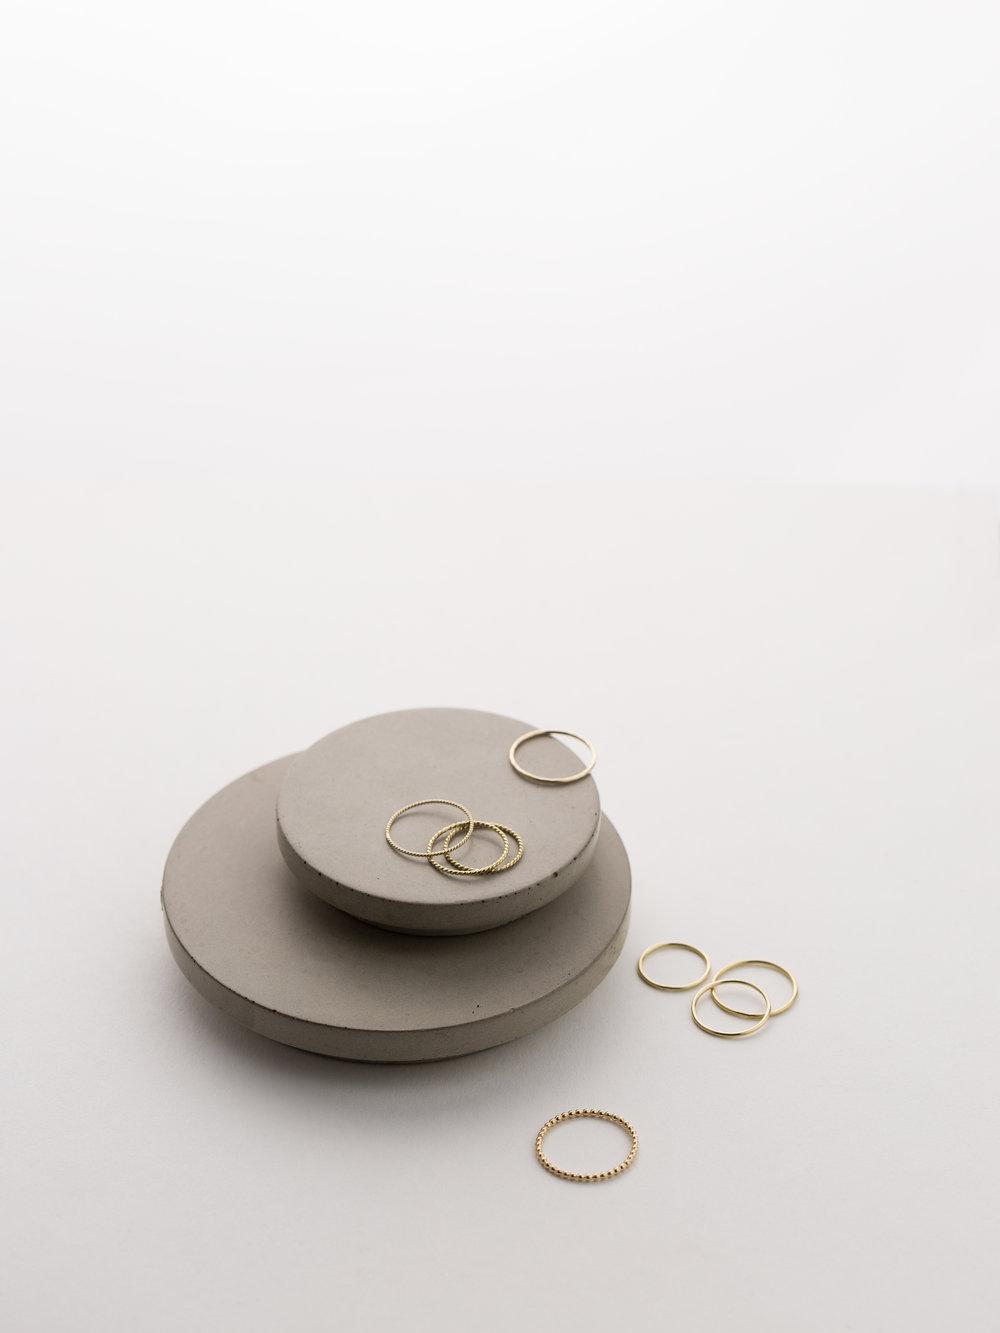 Concrete Vessel (Lids):  CULINARIUM , Rings:  ADRIA ,  AIRE  by GLDN